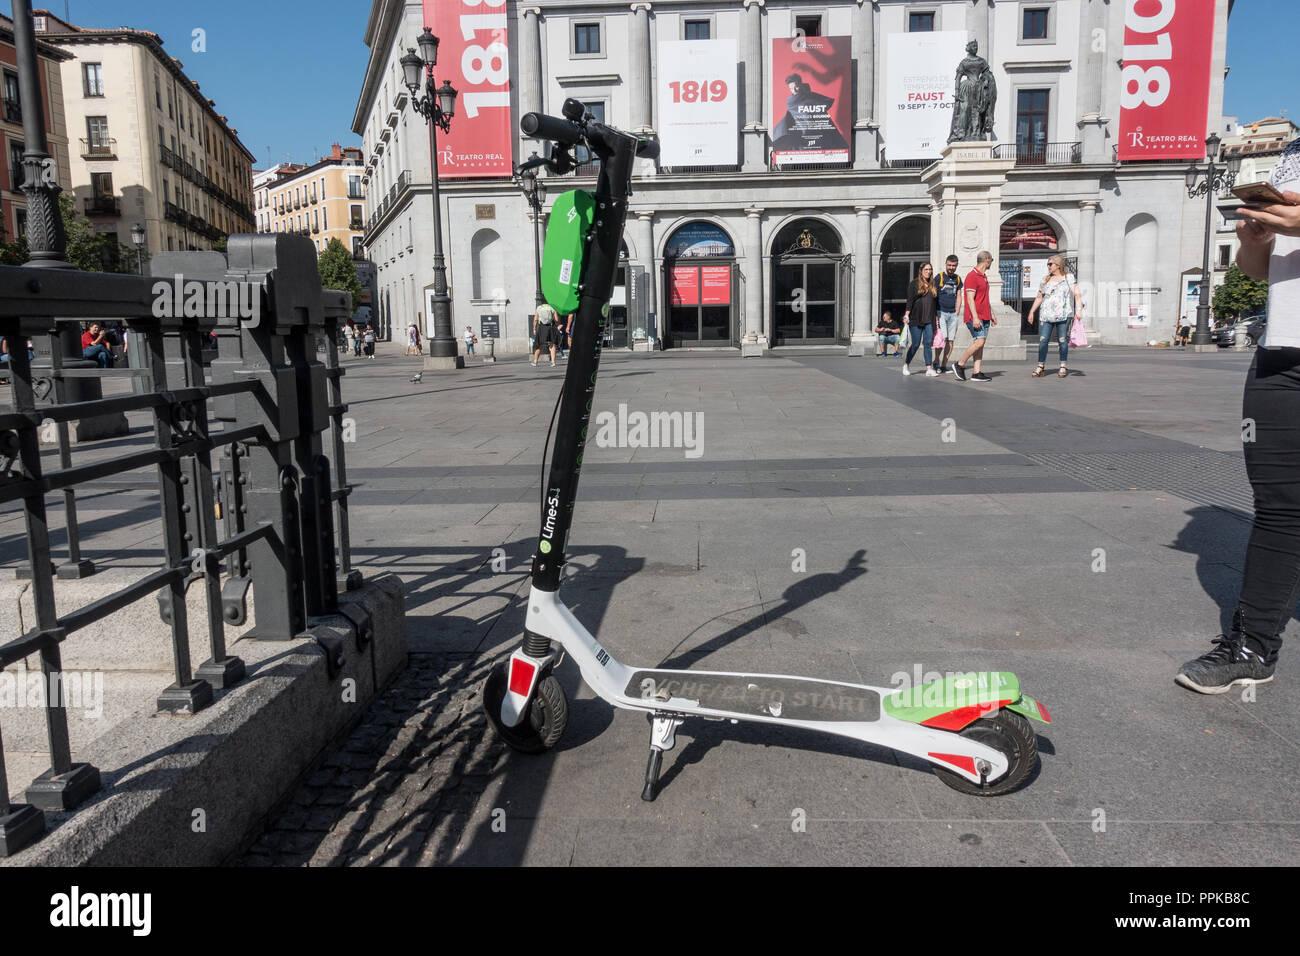 Lime scooter eléctrico estacionado en la Plaza de Isabel II, Madrid, España. Cal-S scooters llegó a Madrid, en agosto de 2018. Imagen De Stock